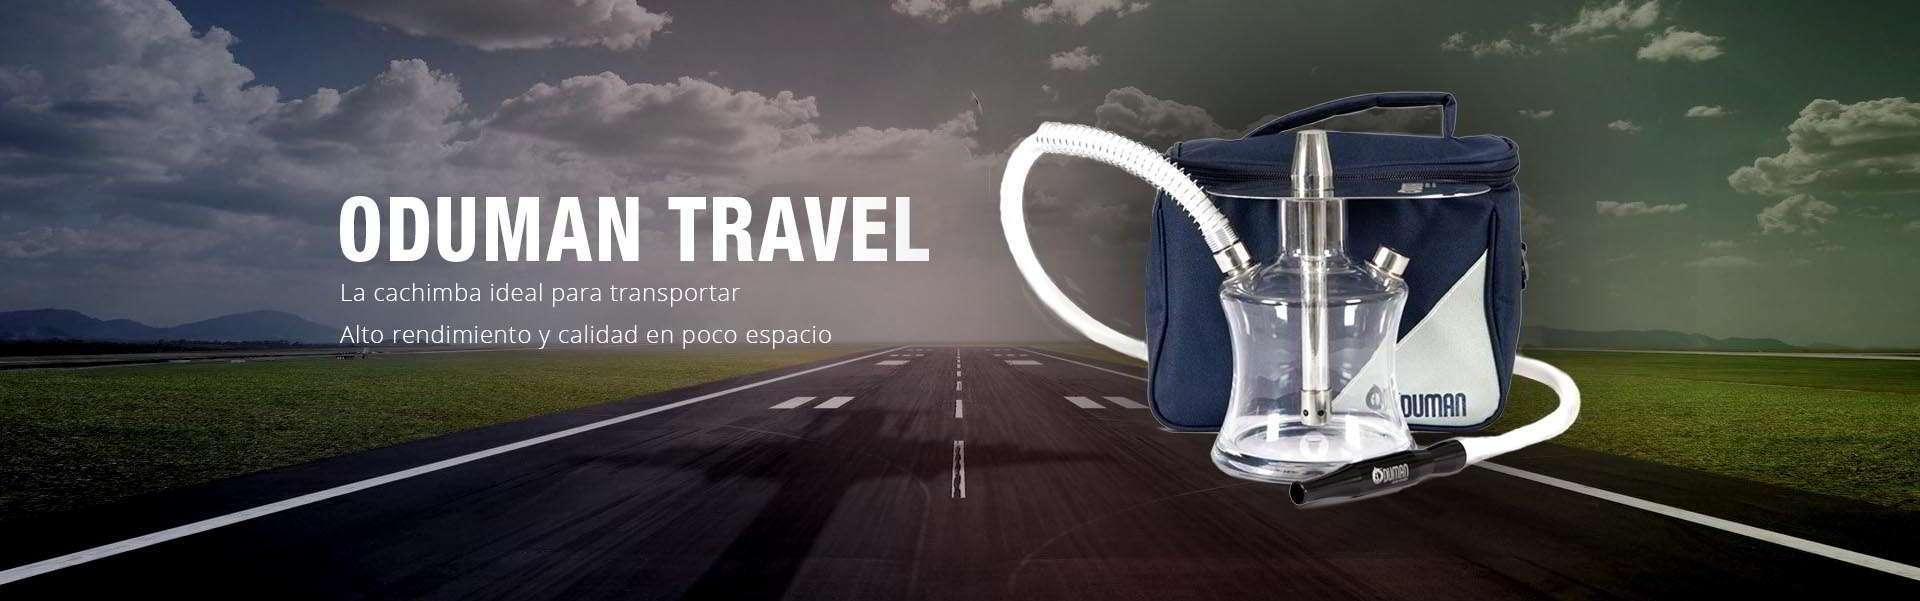 Oduman N2 Travel